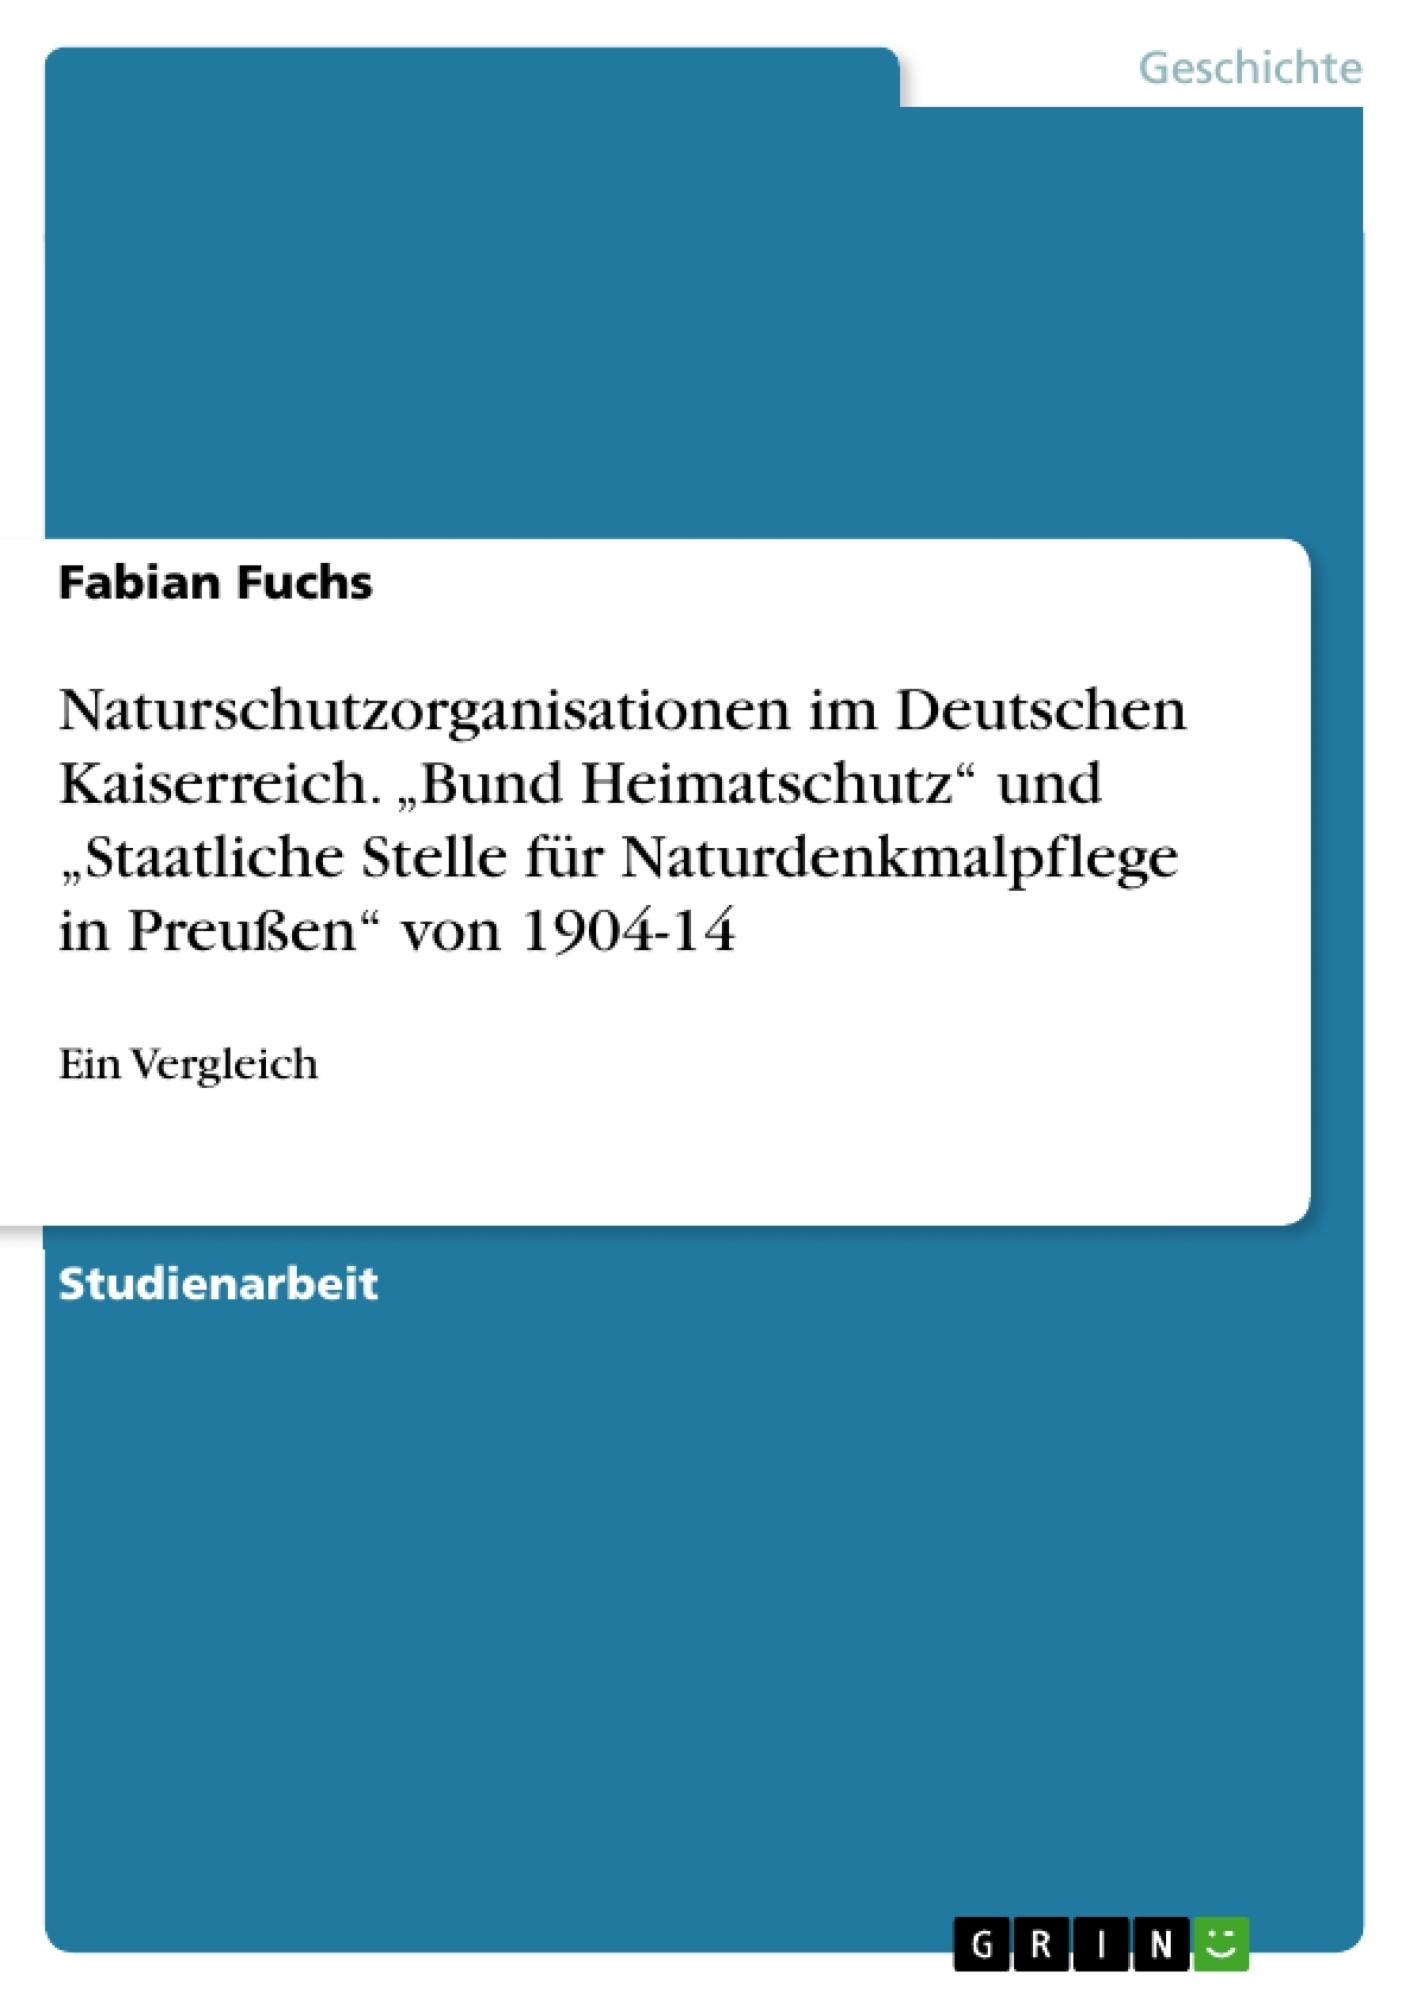 """Titel: Naturschutzorganisationen im Deutschen Kaiserreich. """"Bund Heimatschutz"""" und """"Staatliche Stelle für Naturdenkmalpflege in Preußen"""" von 1904-14"""